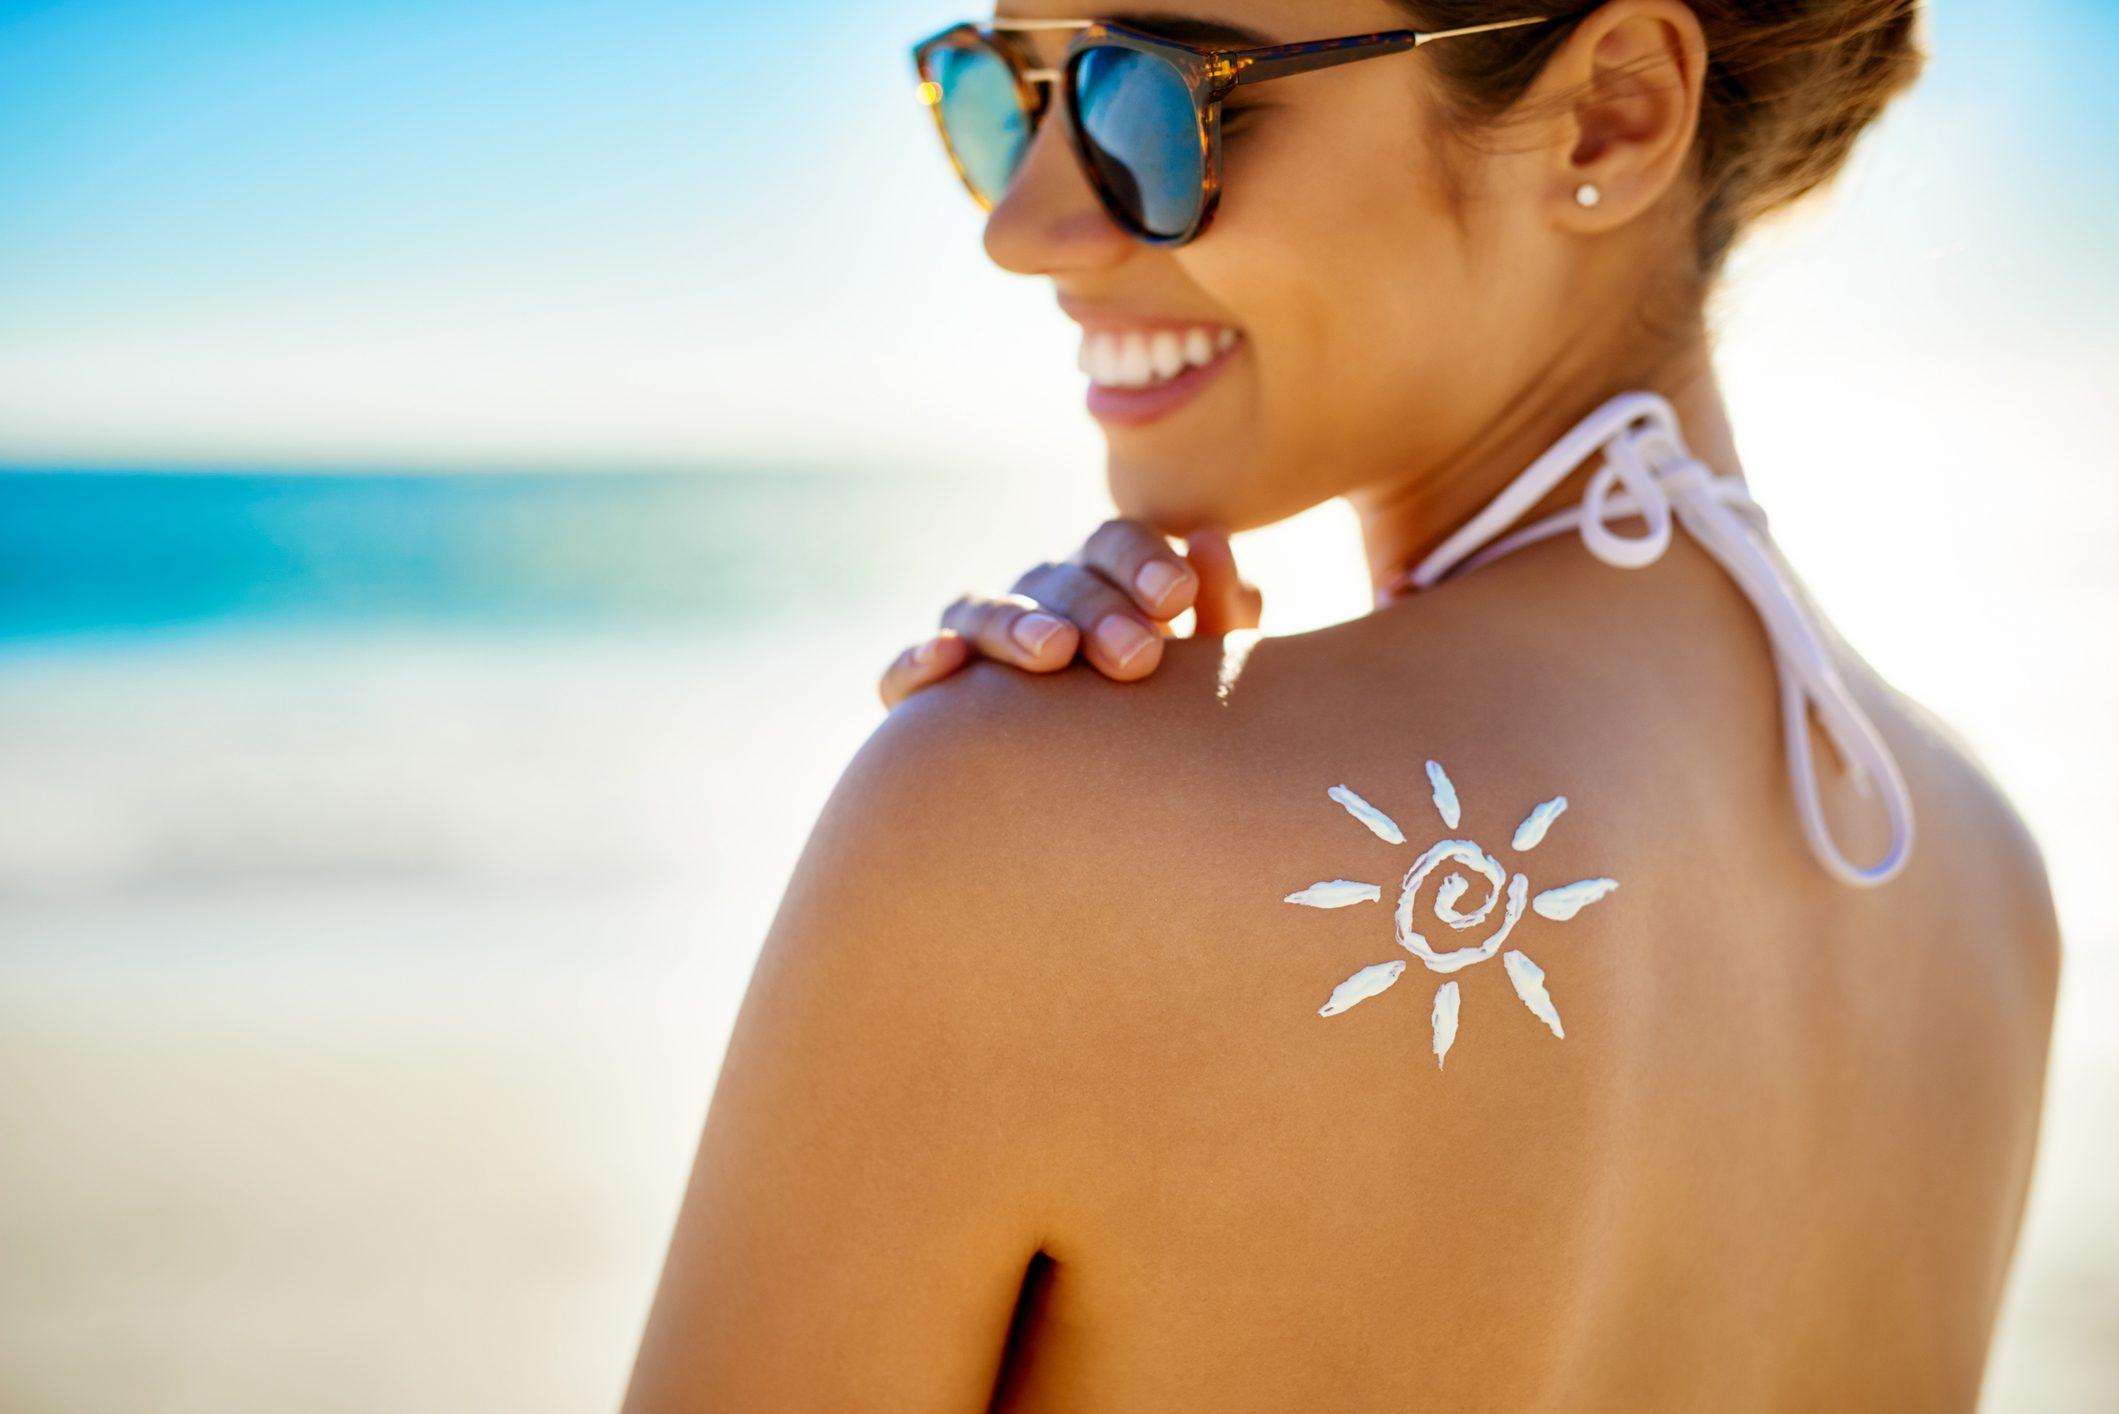 Kem chống nắng-Hình mặt trời trên lưng.